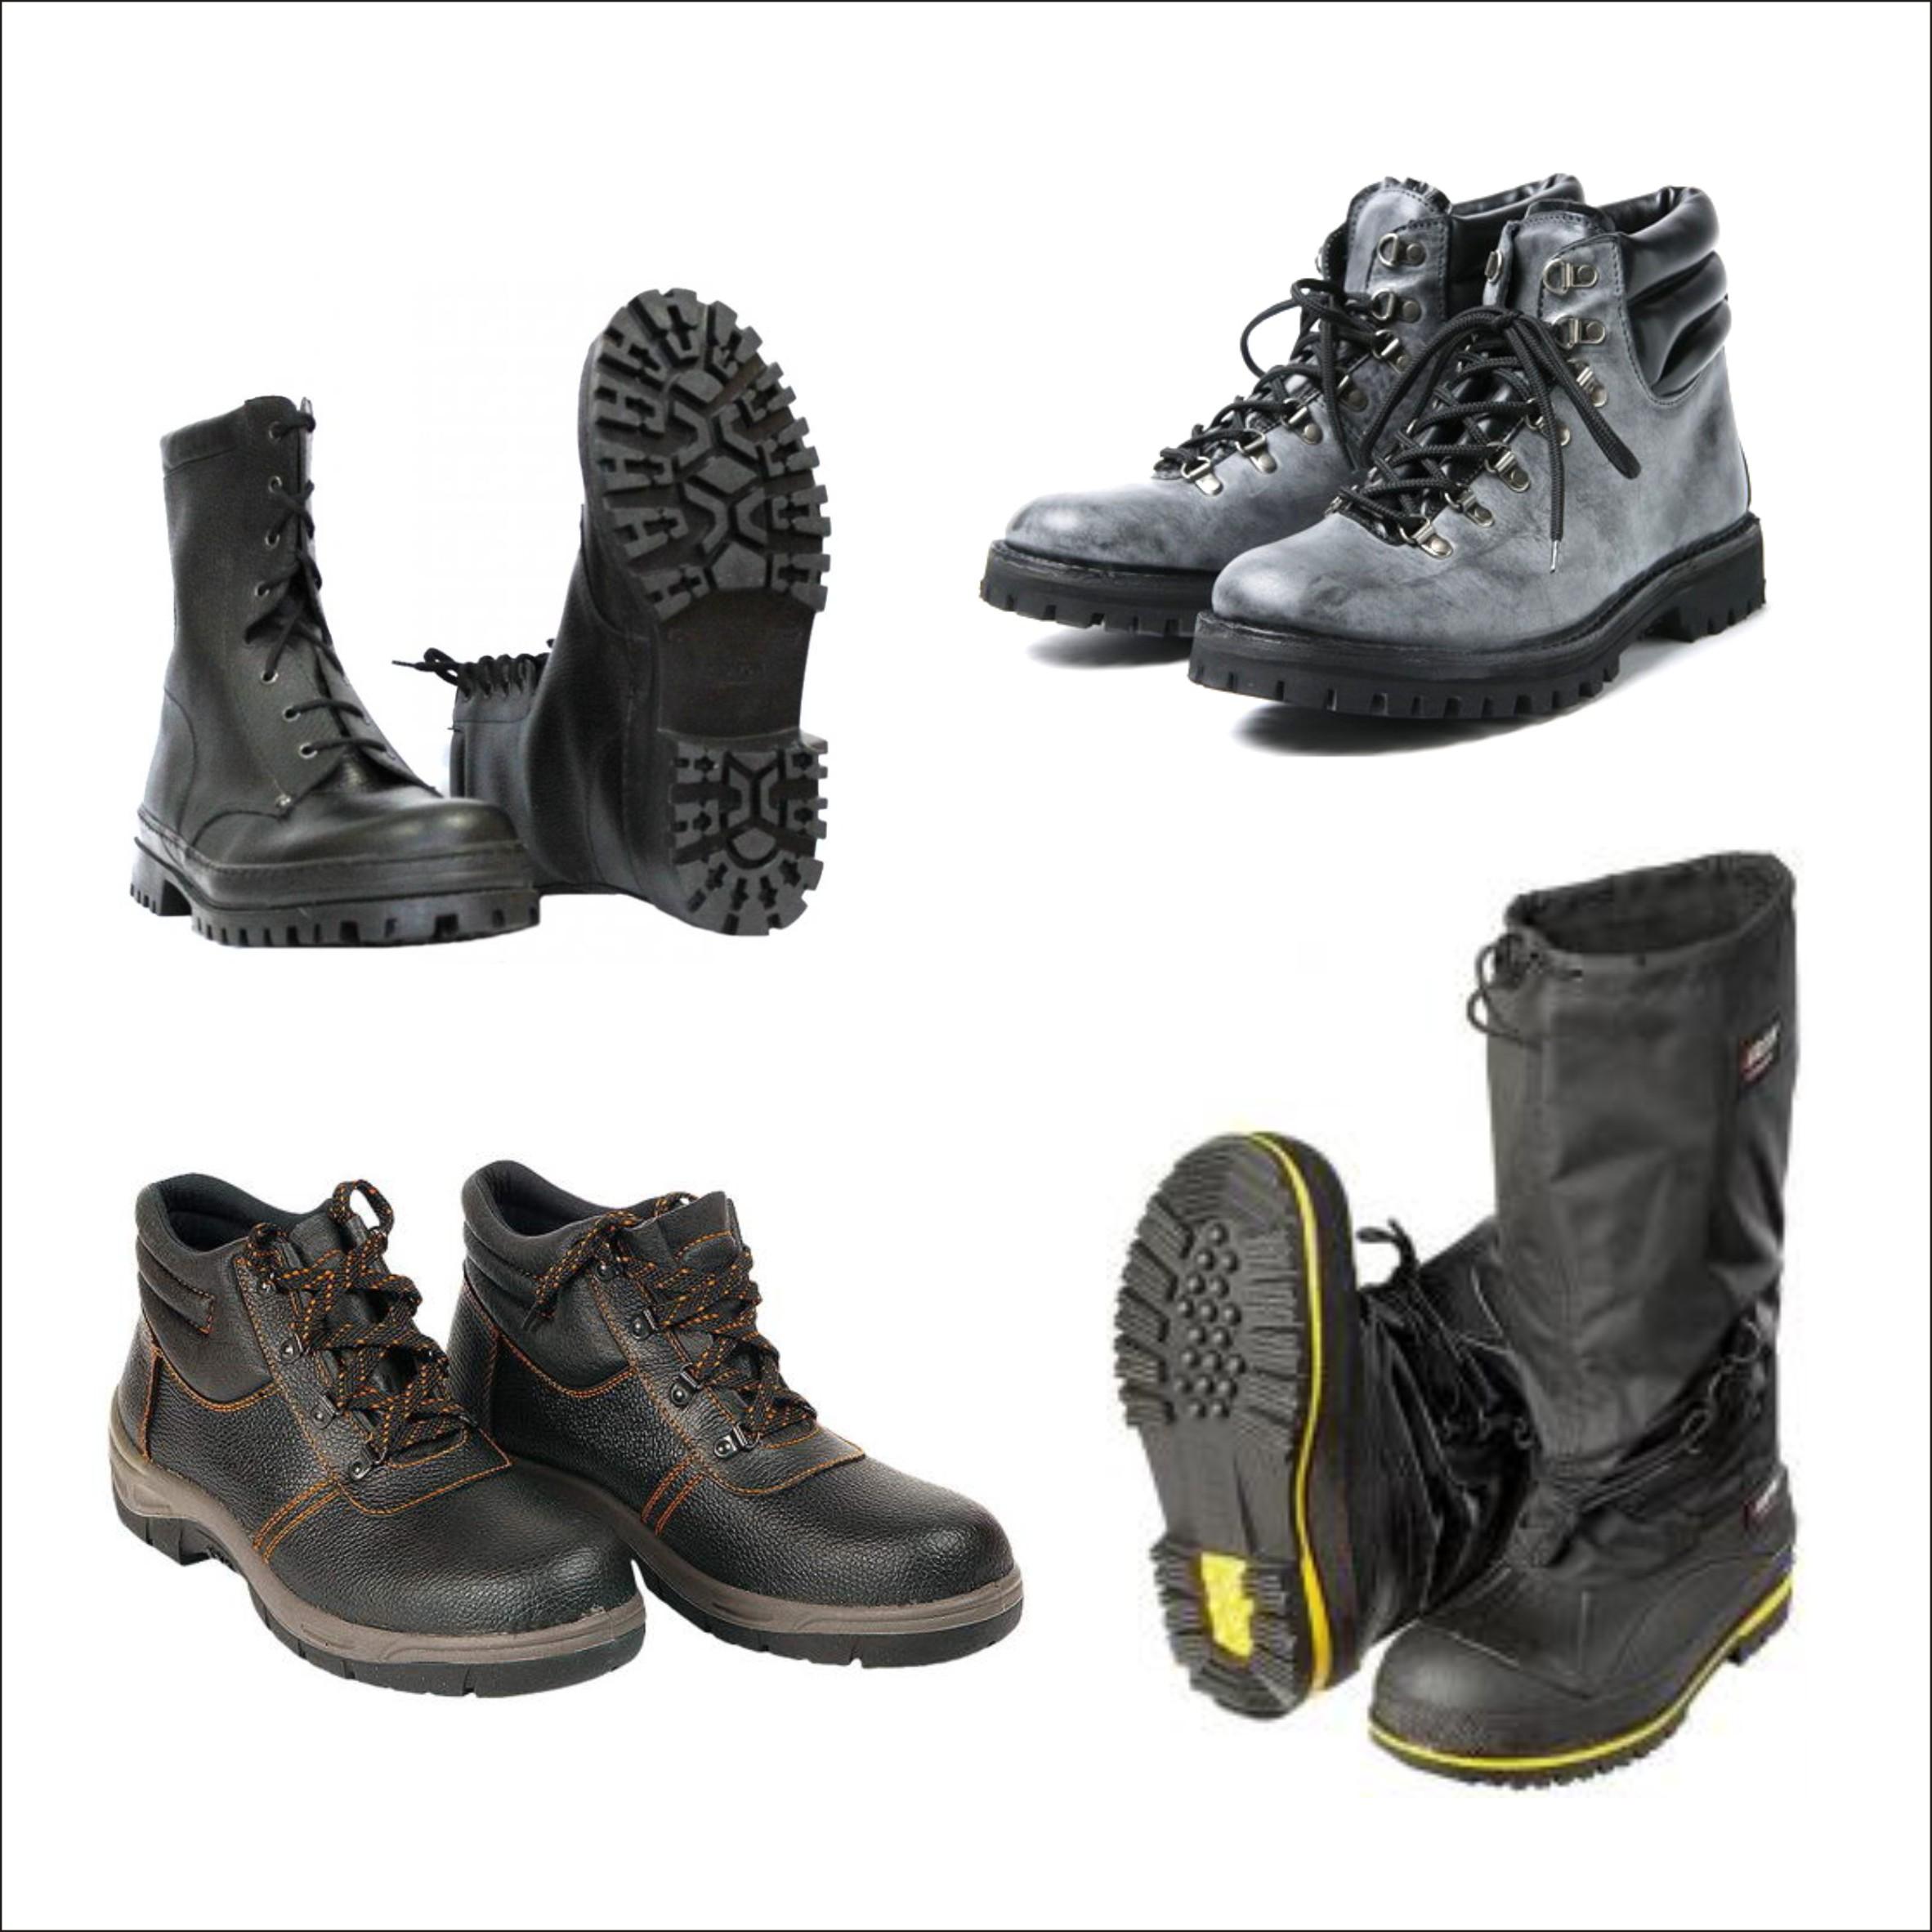 Спецобувь и рабочая одежда купить оптом в интернет-магазине doss-stroy.ru